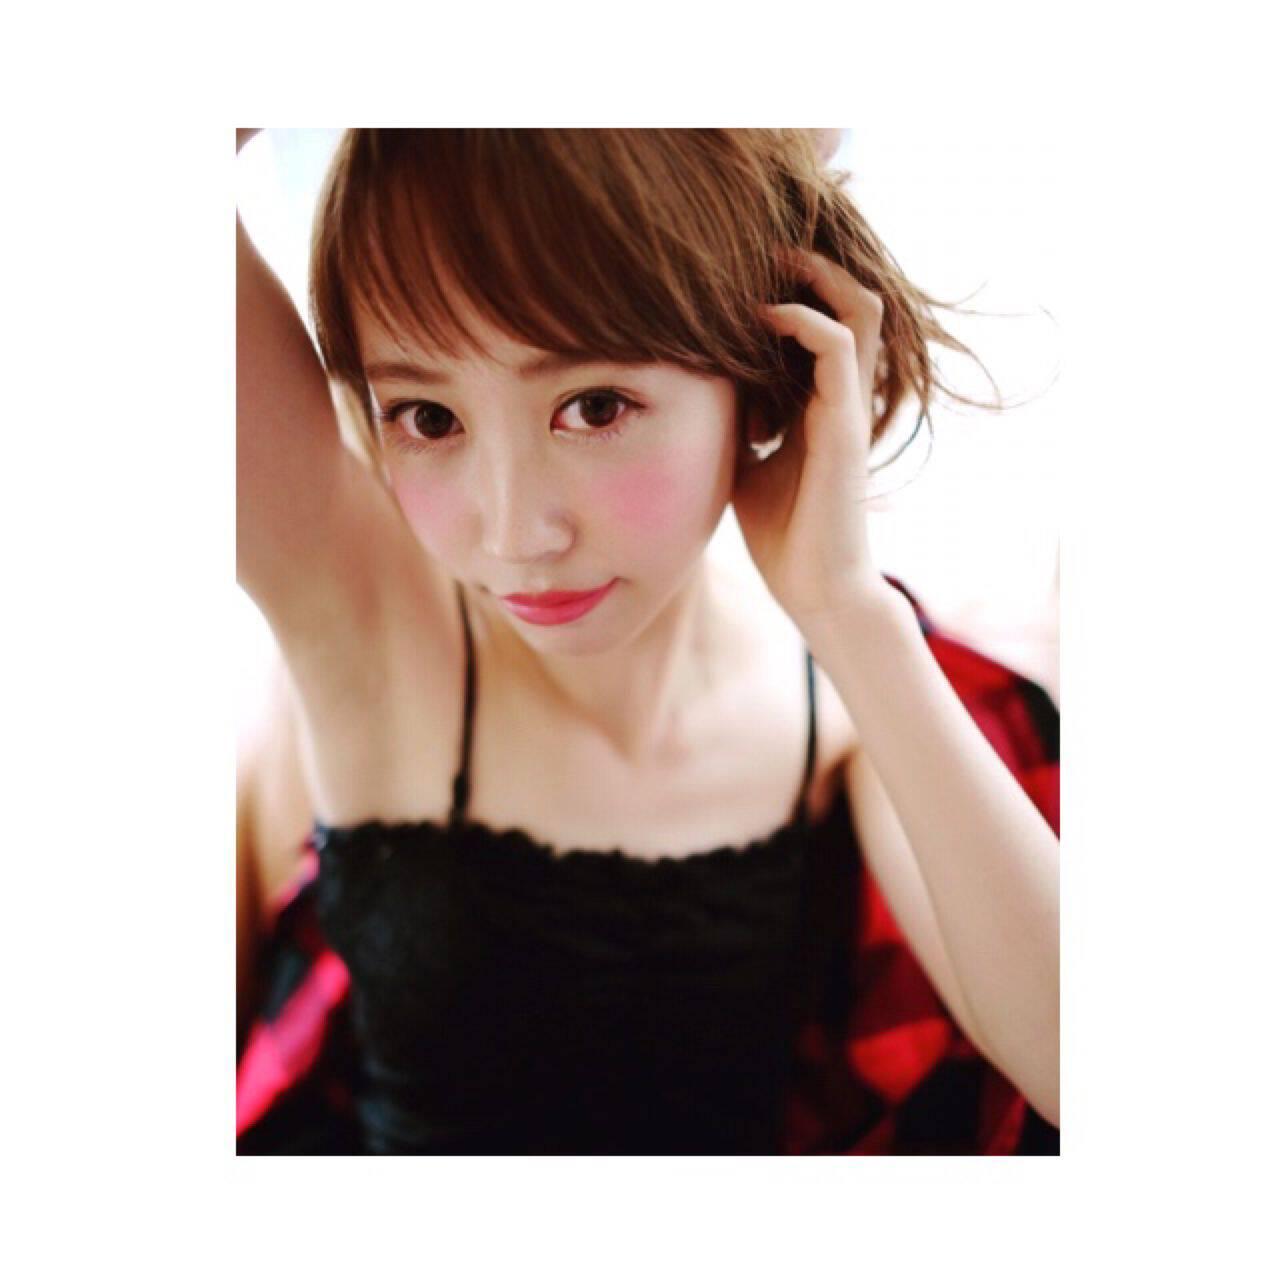 オン眉 ガーリー 渋谷系 セミロングヘアスタイルや髪型の写真・画像